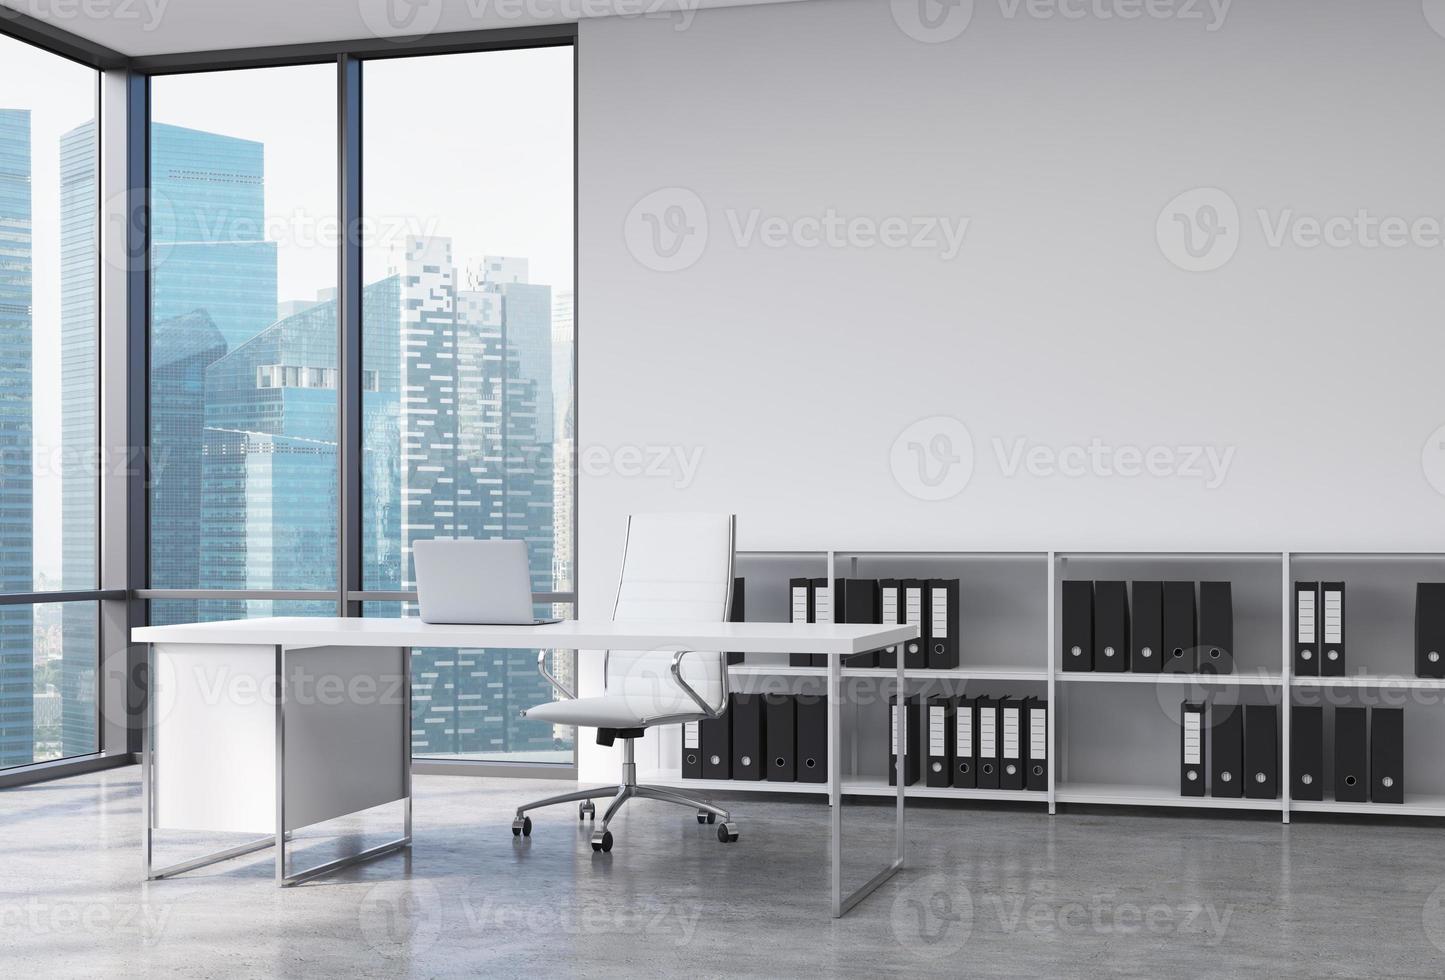 CEO local de trabalho no escritório com Cingapura foto